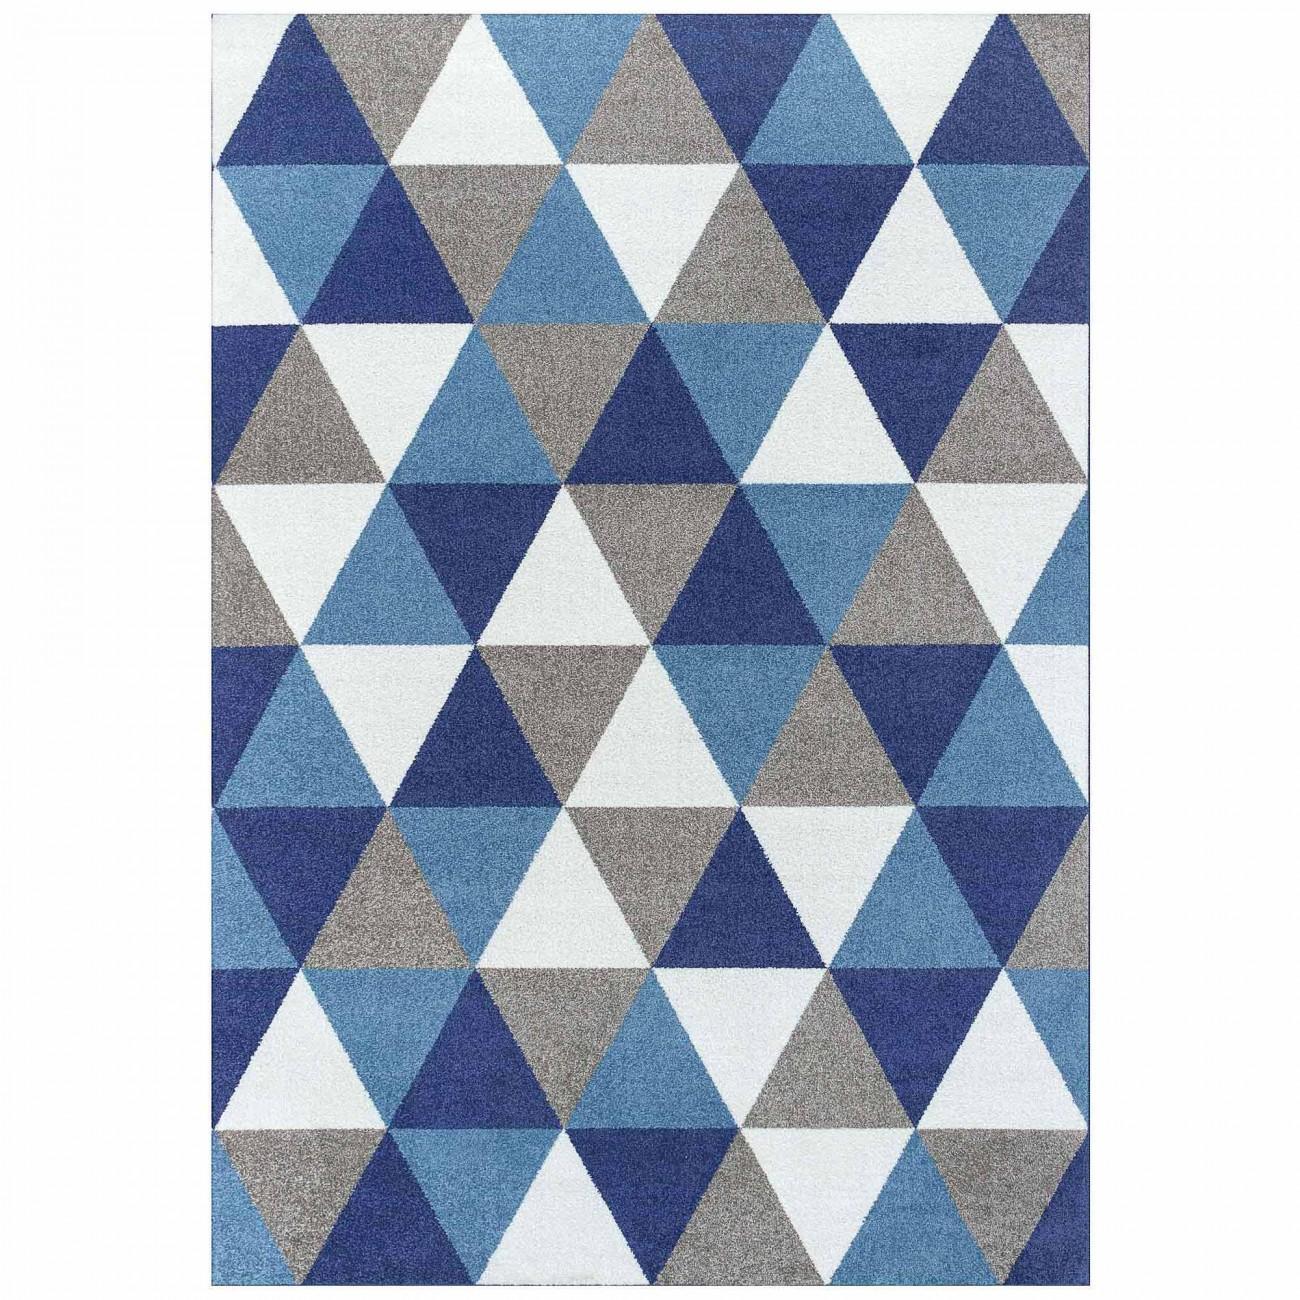 Tapete Midas Triângulo 200x285